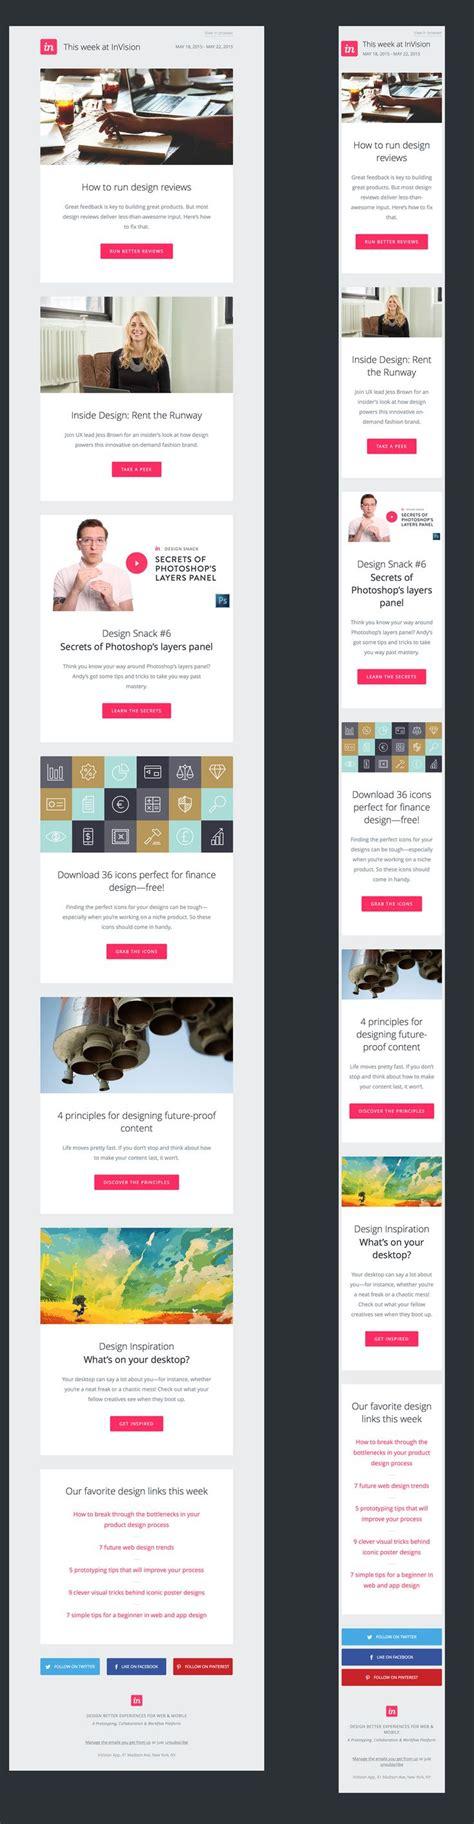 enewsletter template design best 25 newsletter design ideas on pinterest newsletter